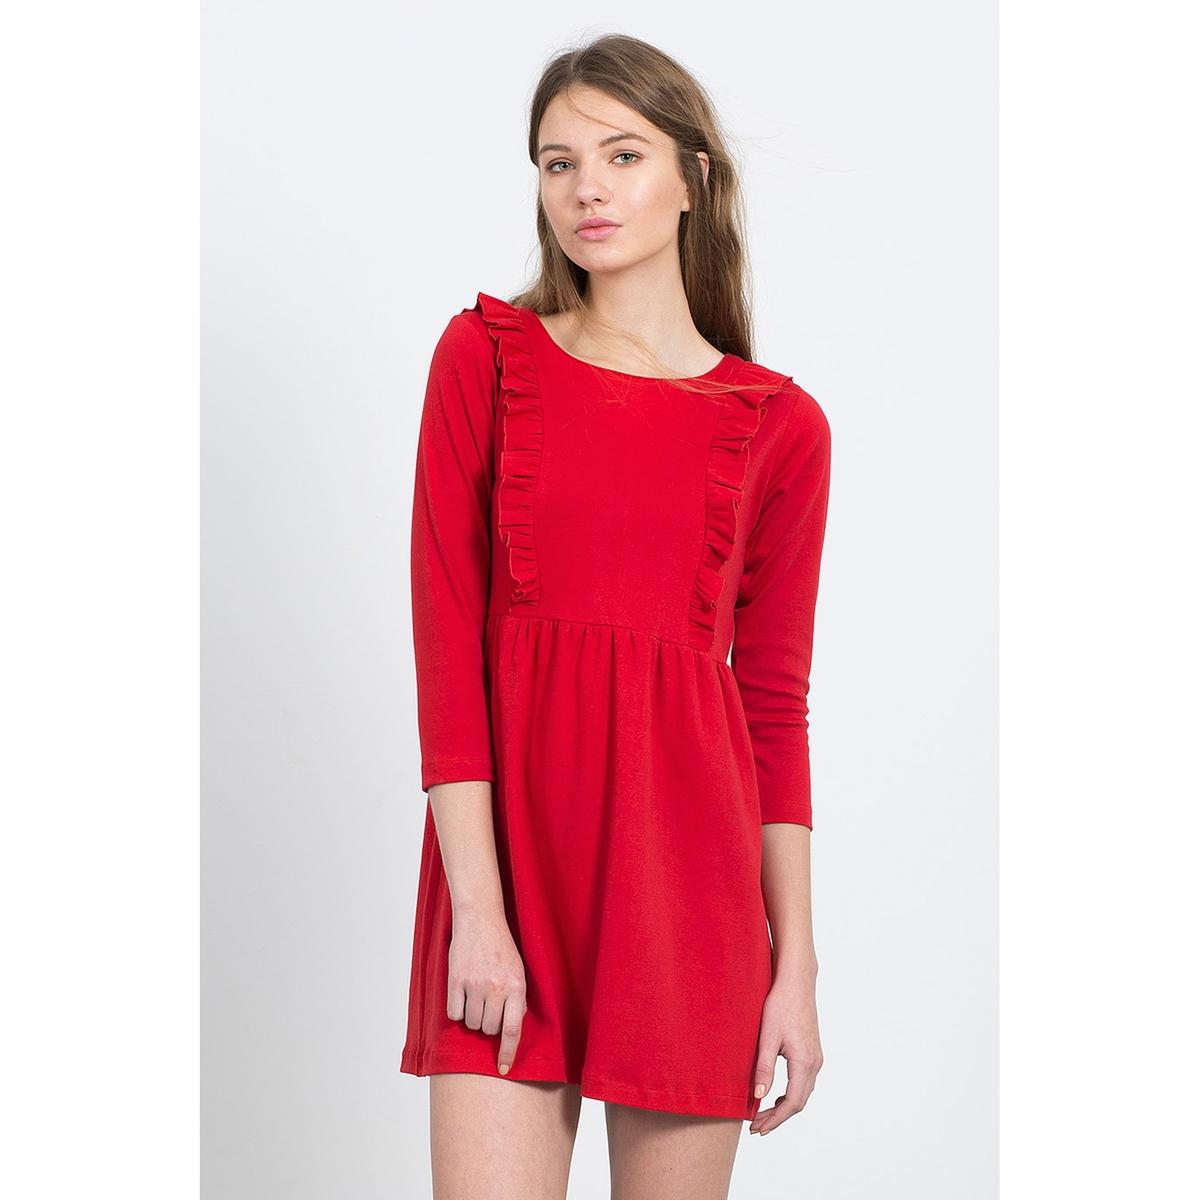 Короткое расклешённое платье SYDNEY BLACK DRESSКороткое платье с рукавами 3/4 и воланами, COMPANIA FANTASTICA. Элегантный расширяющийся к низу покрой, рукава 3/4 и красивая отделка воланами  на груди. Мелкие складки на поясе. Состав и описание :Материал : 100% хлопокМарка : COMPANIA FANTASTICA.УходМашинная стирка при 30 °С с вещами схожих цветов  Стирать и гладить с изнаночной стороны<br><br>Цвет: красный<br>Размер: L